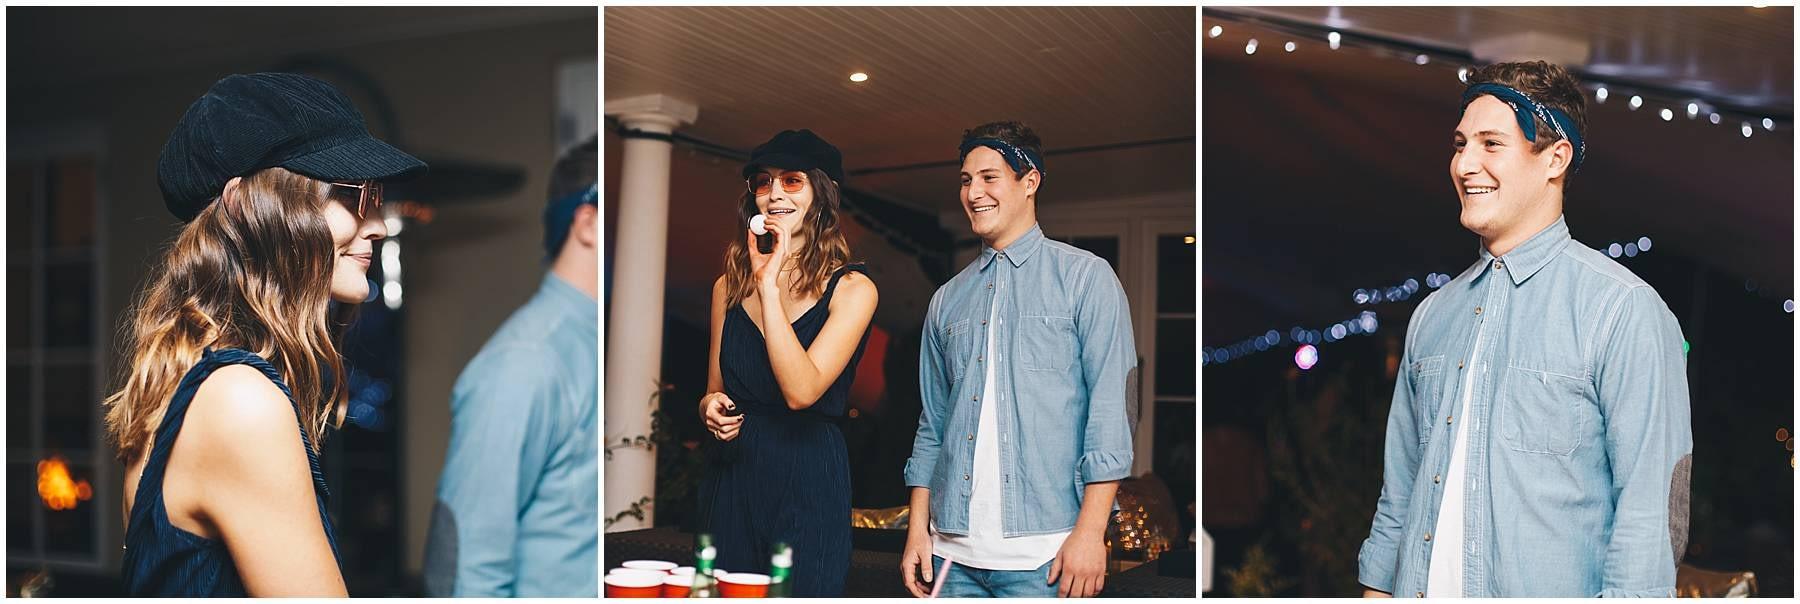 Sophie & Patricks 21st_0012.jpg